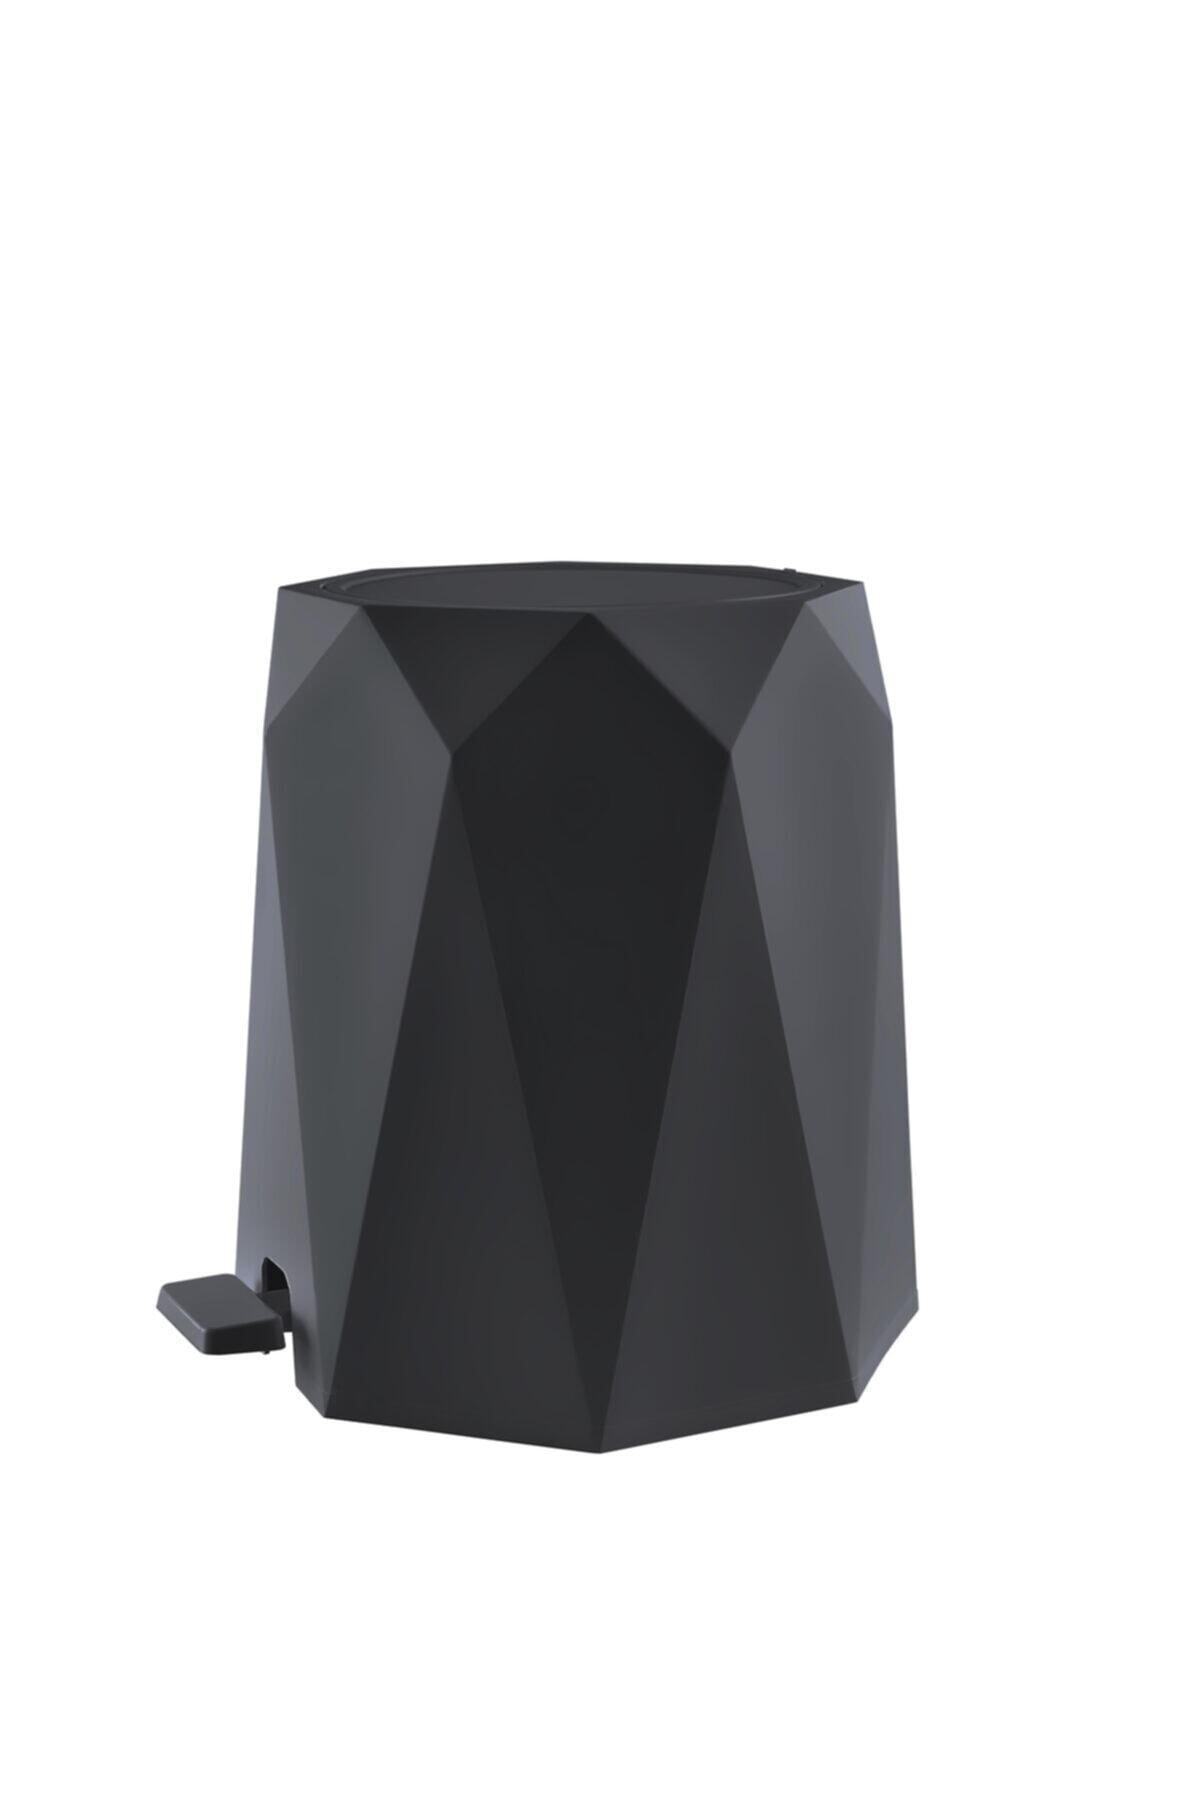 Elif Geo Antrasit 2'li Banyo Seti Plastik 5 lt Çöp Kovası Ve Tuvalet Fırçası 1